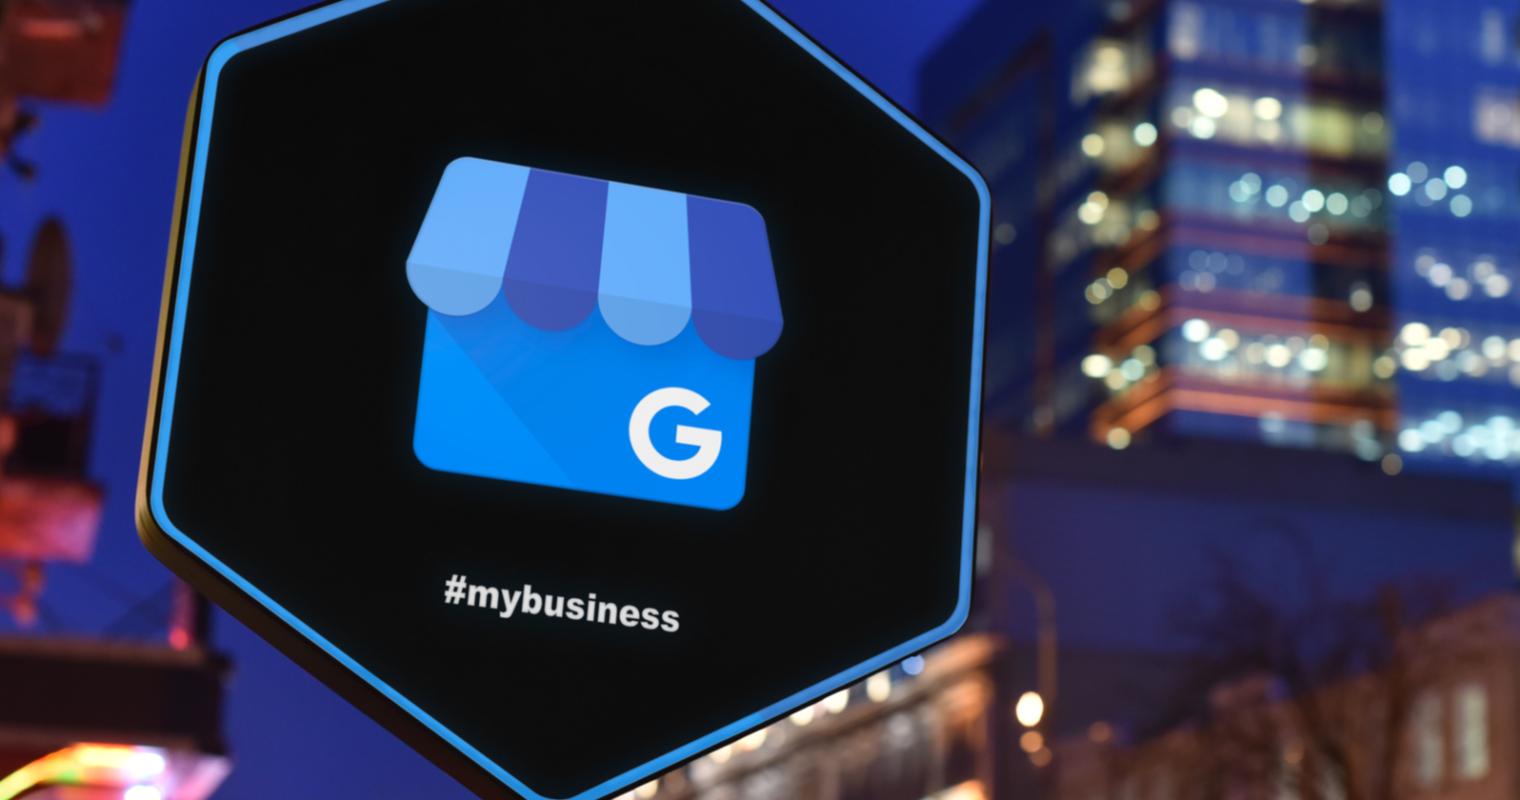 5% zobrazení služby Moja firma na Googli výsledkom je akcia zákazníka